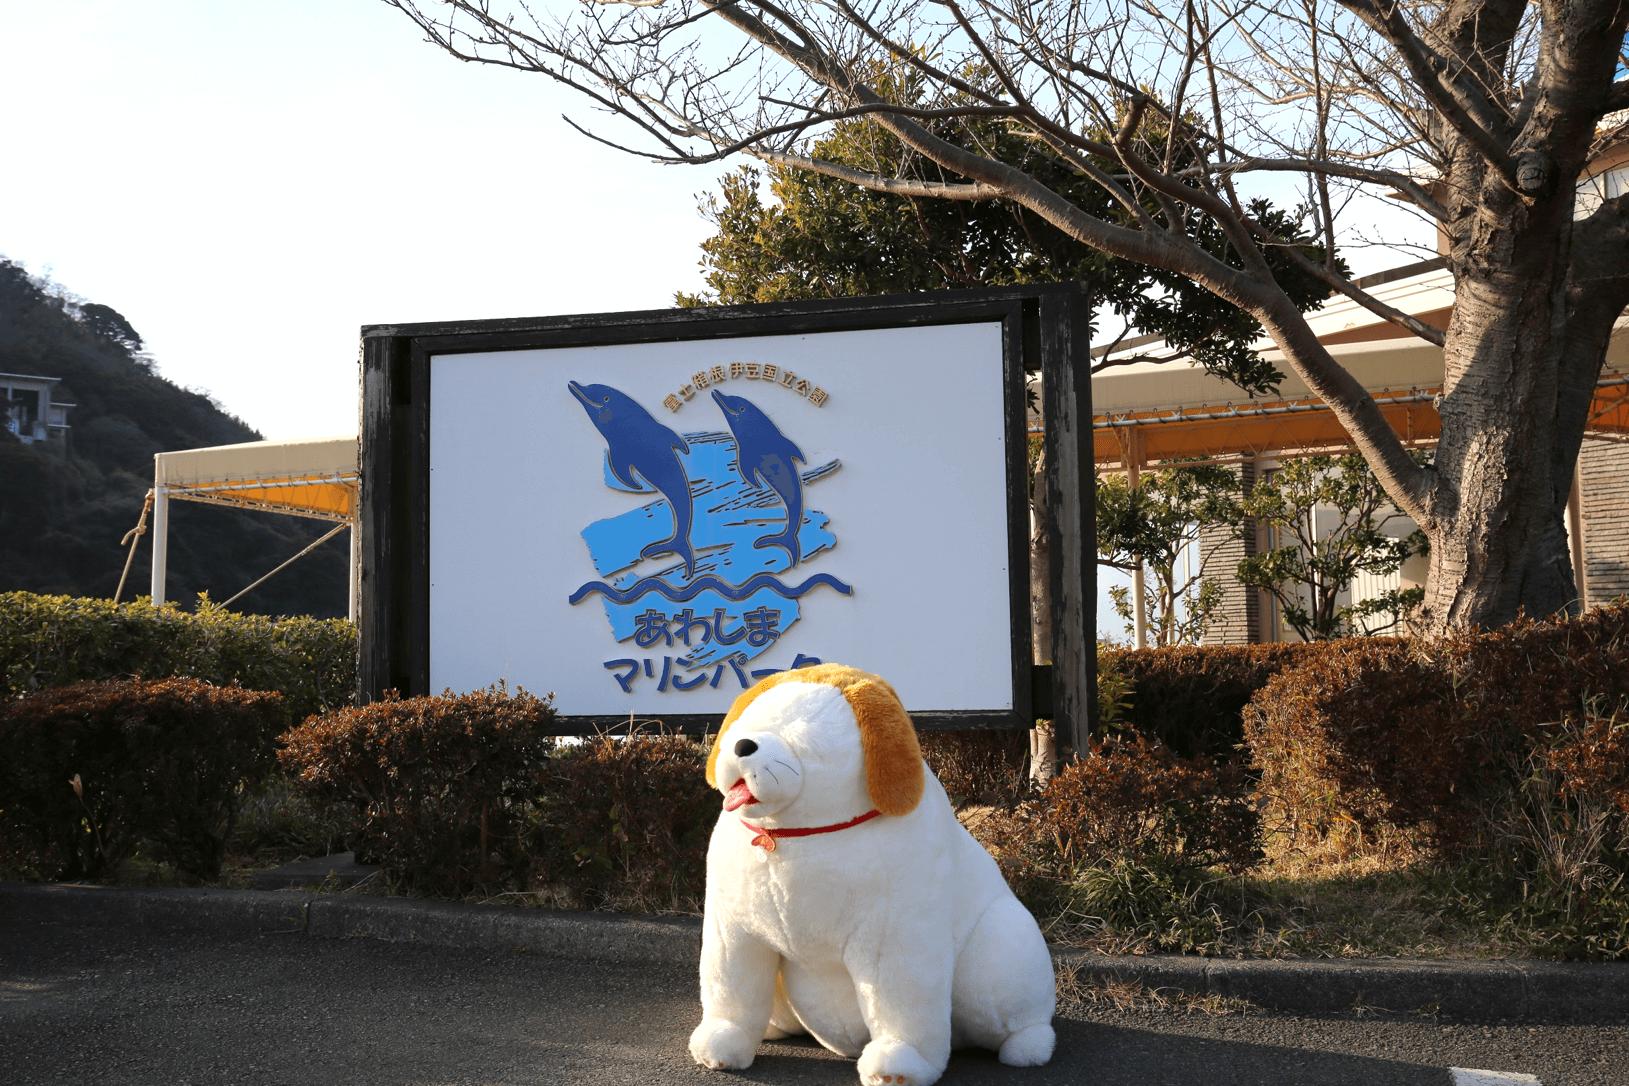 しいたけと行く沼津散策 ~あわしまマリンパーク編~